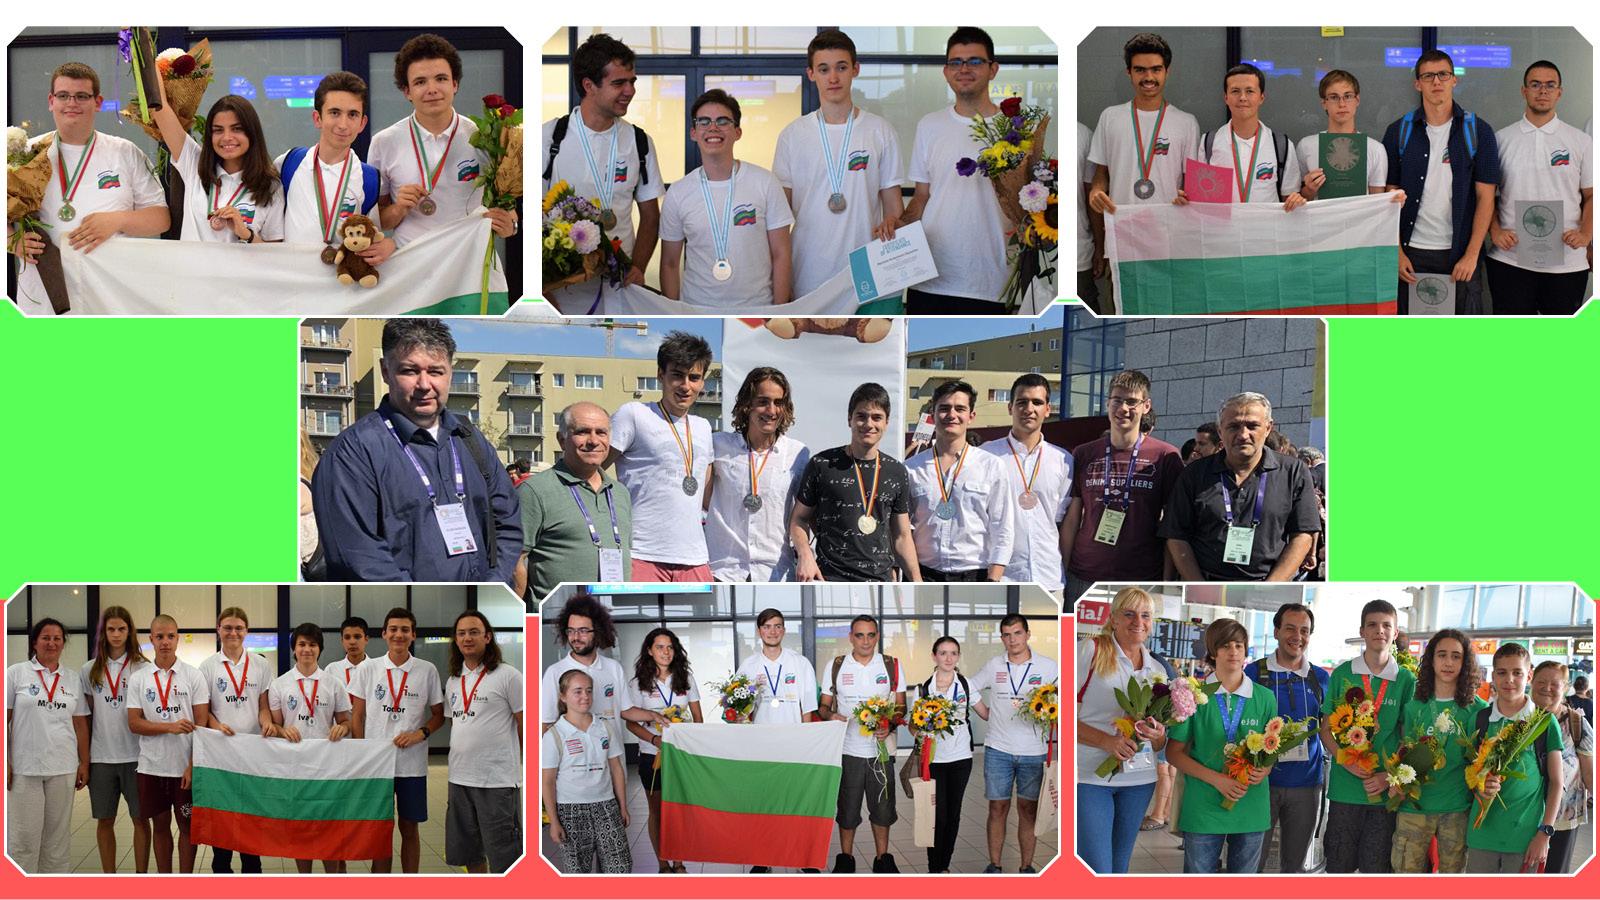 Български гимназисти спечелиха 34 медала от най-силните състезания по природни науки в света (обзор)